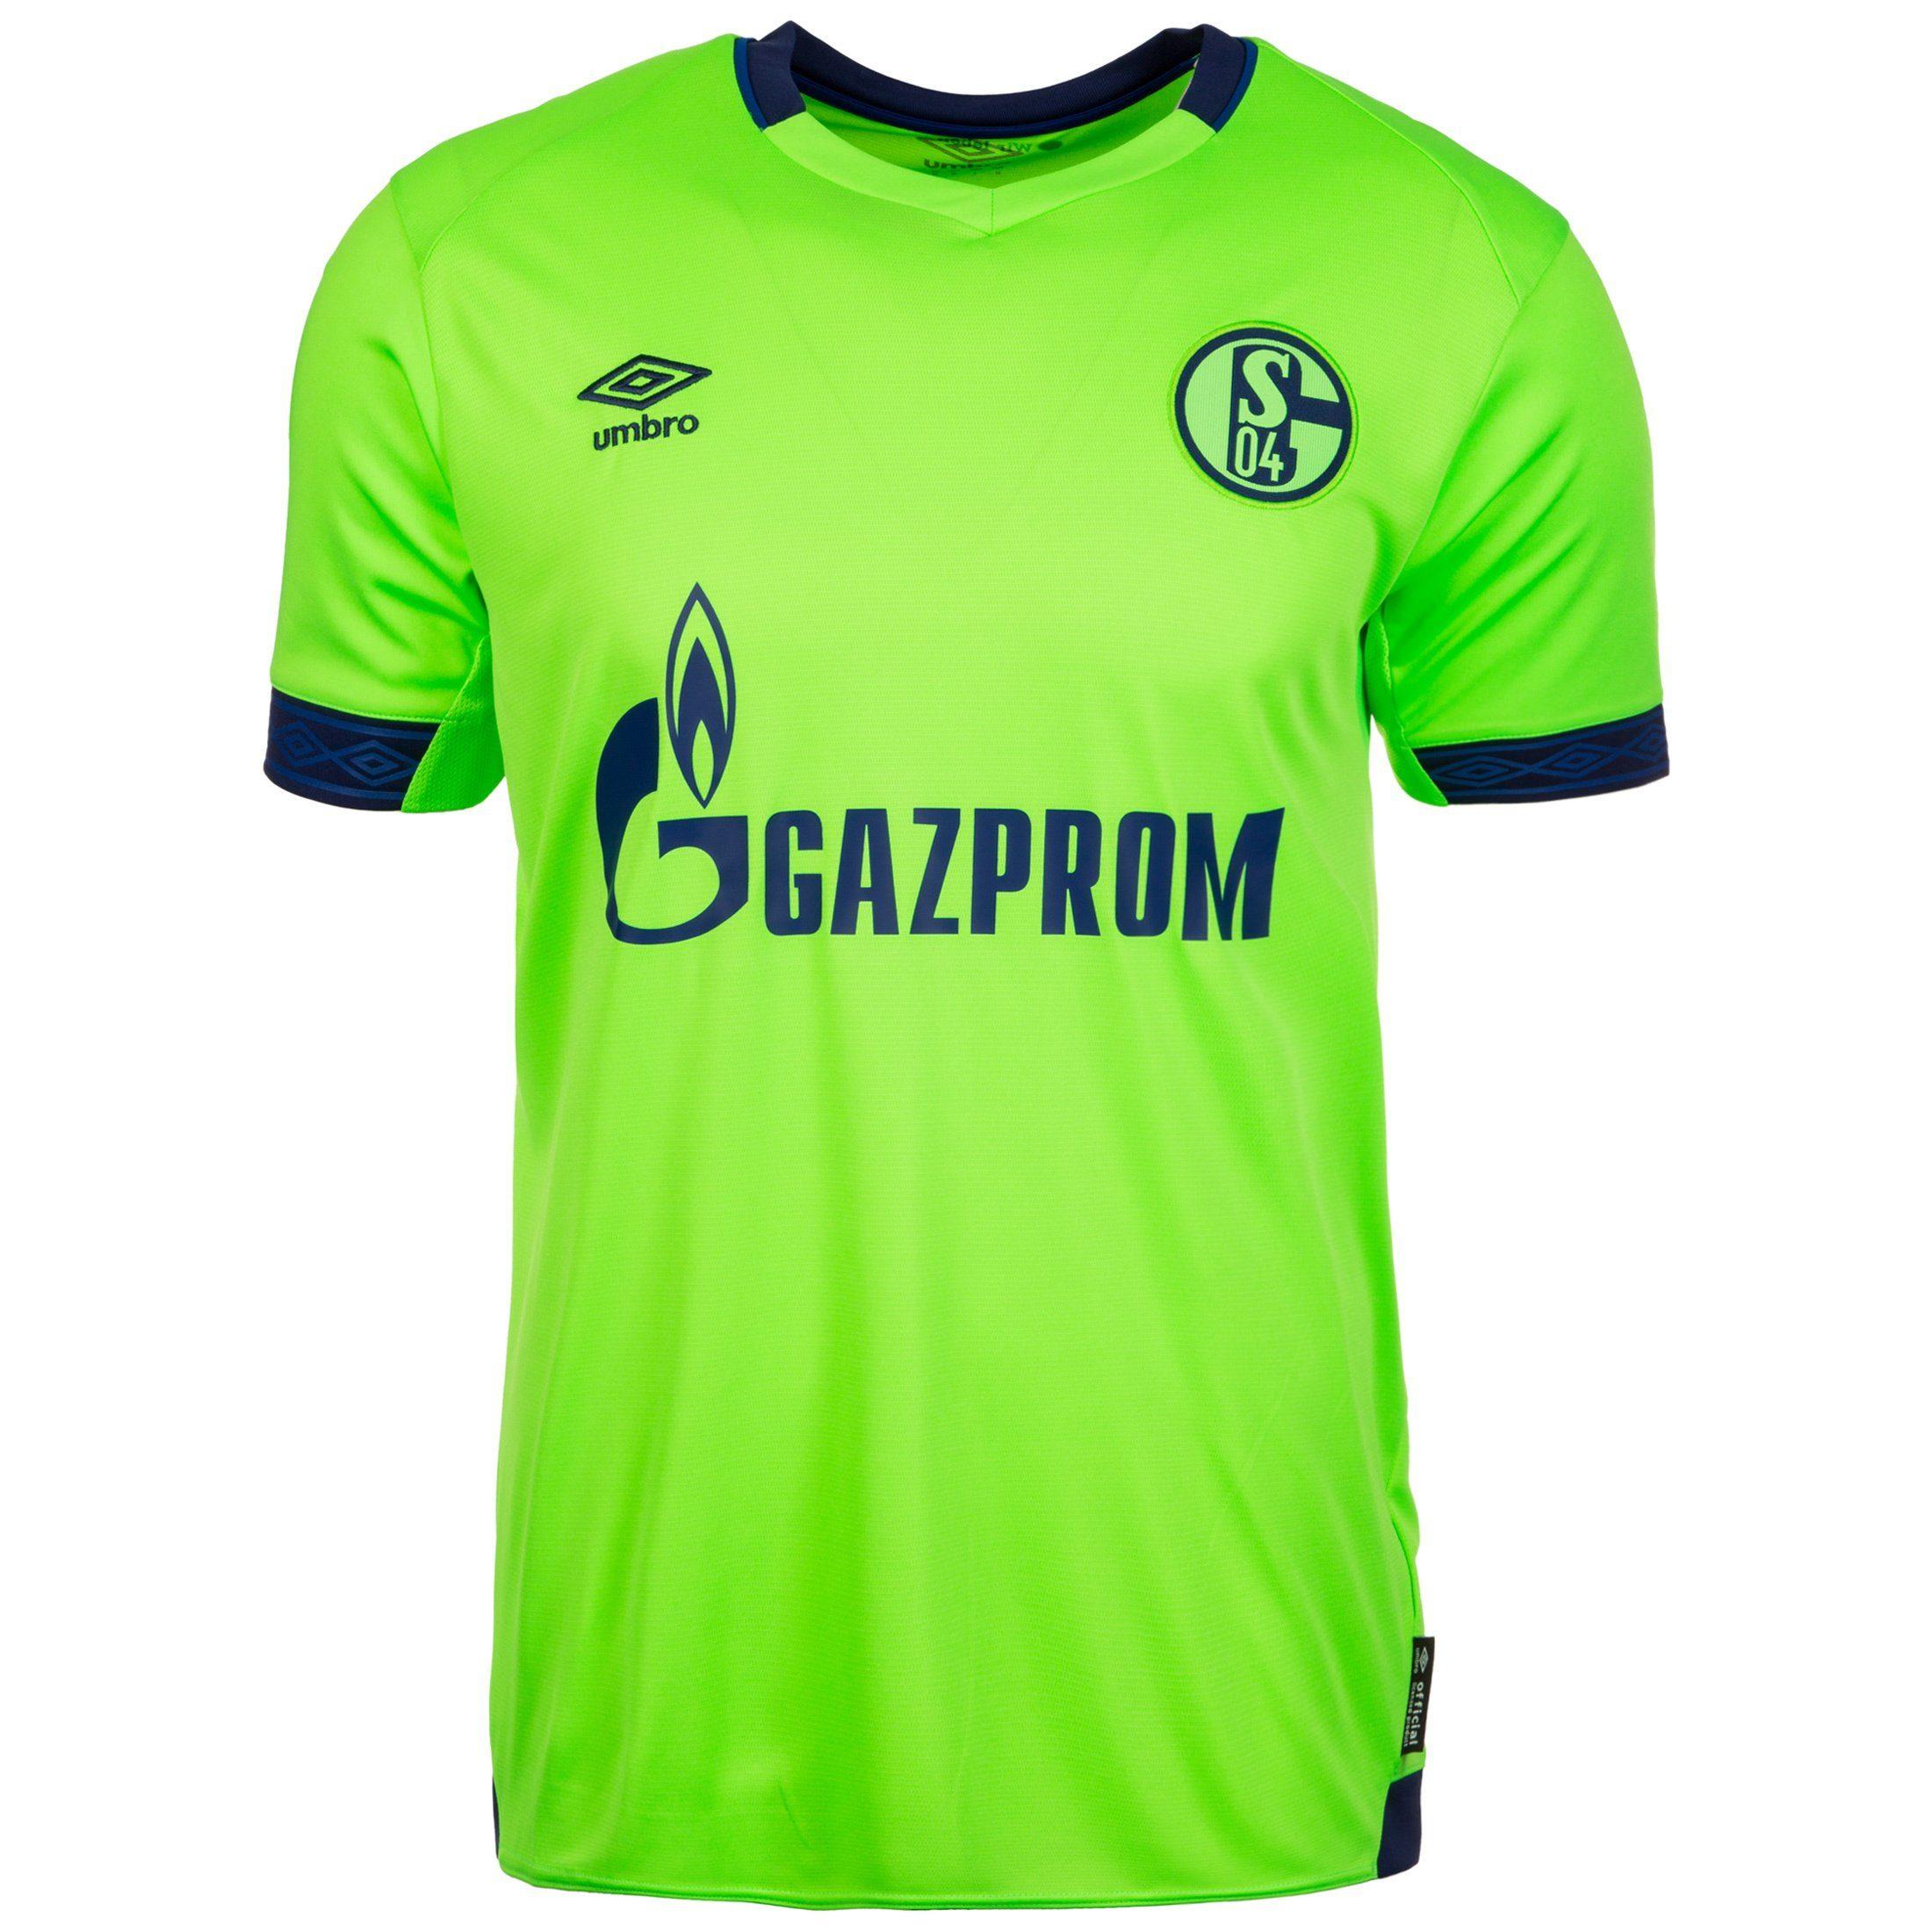 Umbro Fußballtrikot Fc Schalke 04 18/19 3rd | Sportbekleidung > Trikots > Fußballtrikots | Grün | Umbro